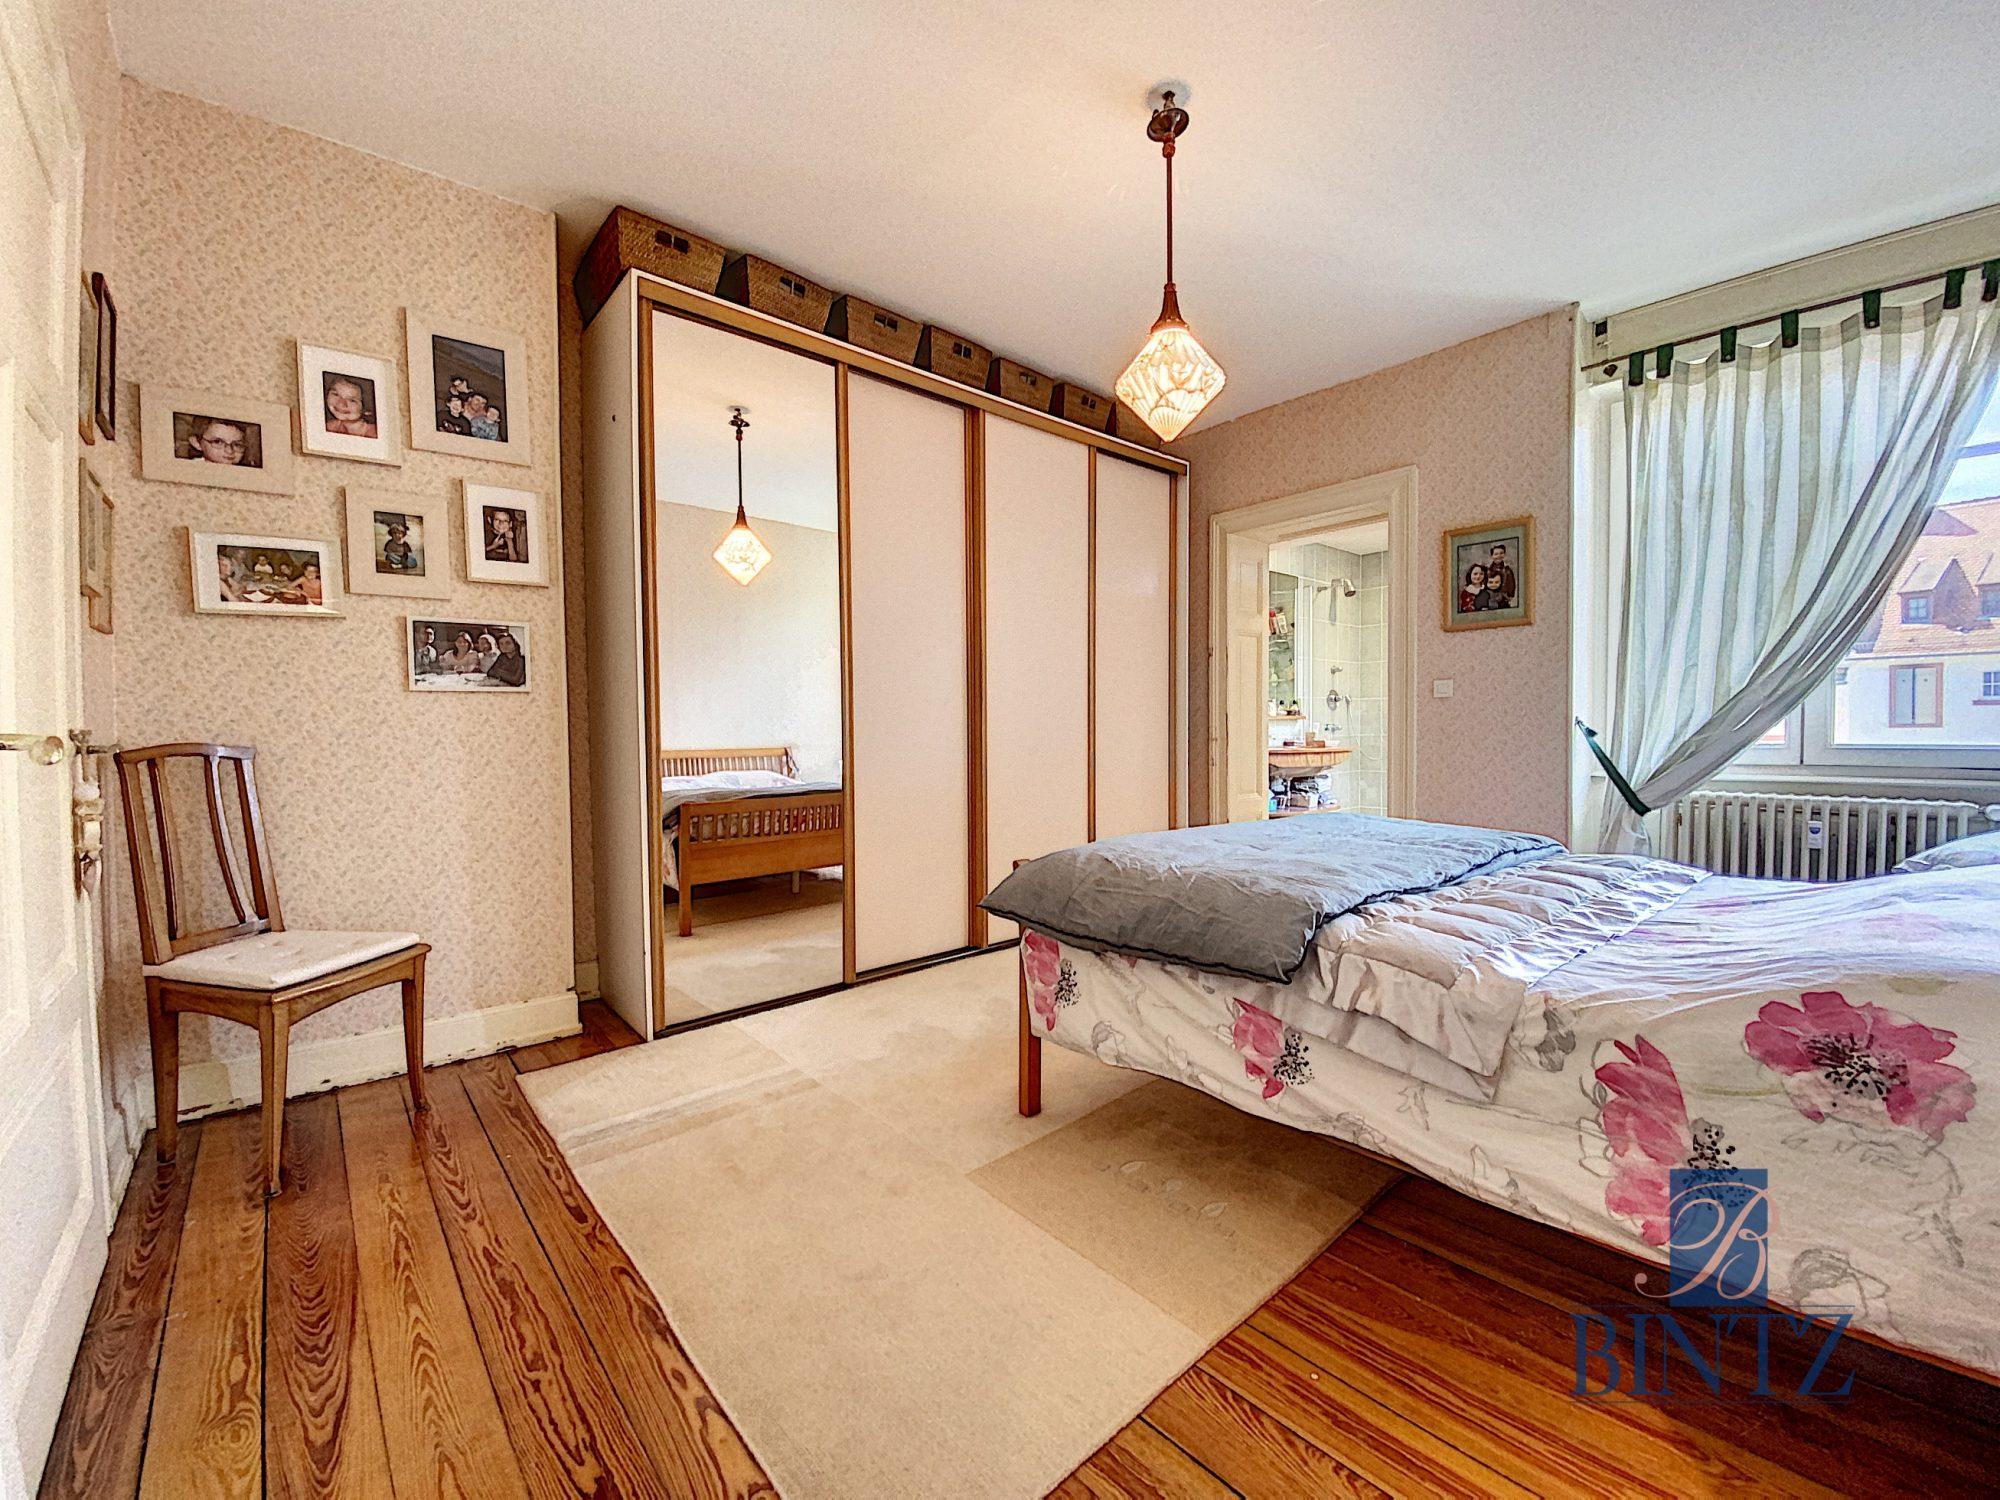 Appartement de 7 pièces – Rue Schwendi - Devenez propriétaire en toute confiance - Bintz Immobilier - 10